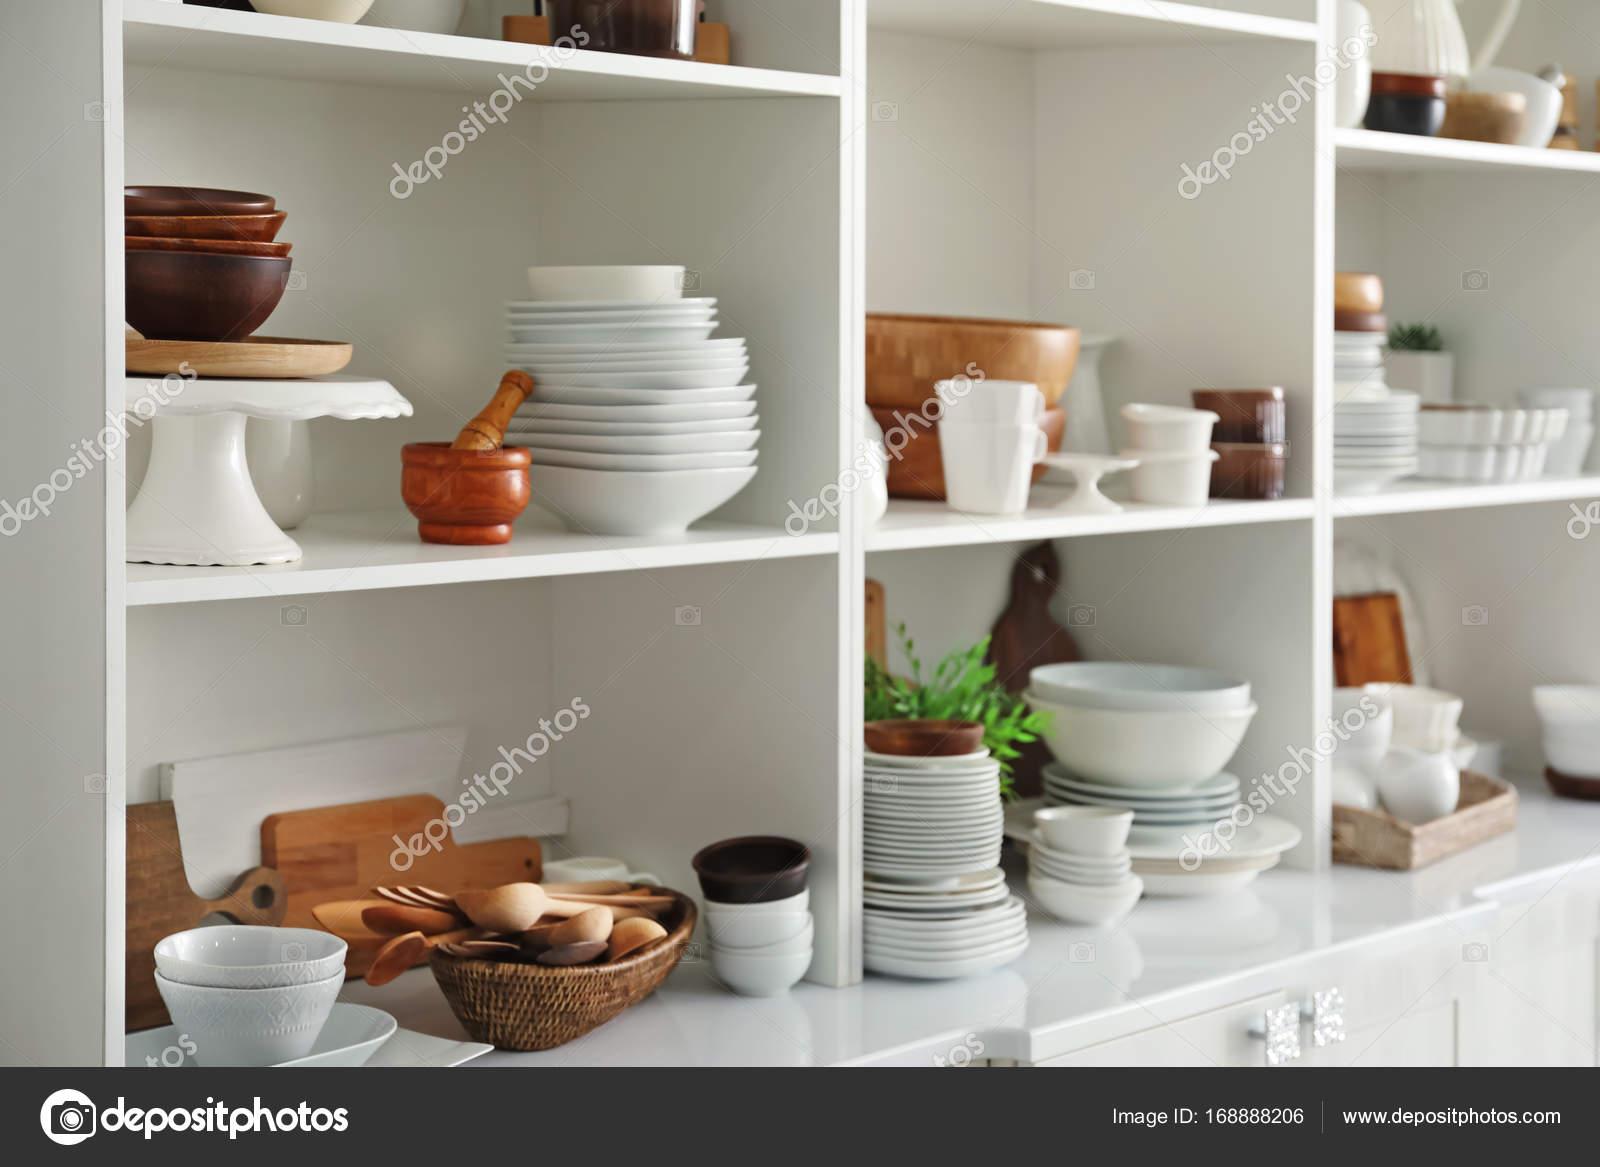 Keramik Küche   Weisse Speicher Stand Mit Keramik Und Holz Geschirr In Der Kuche